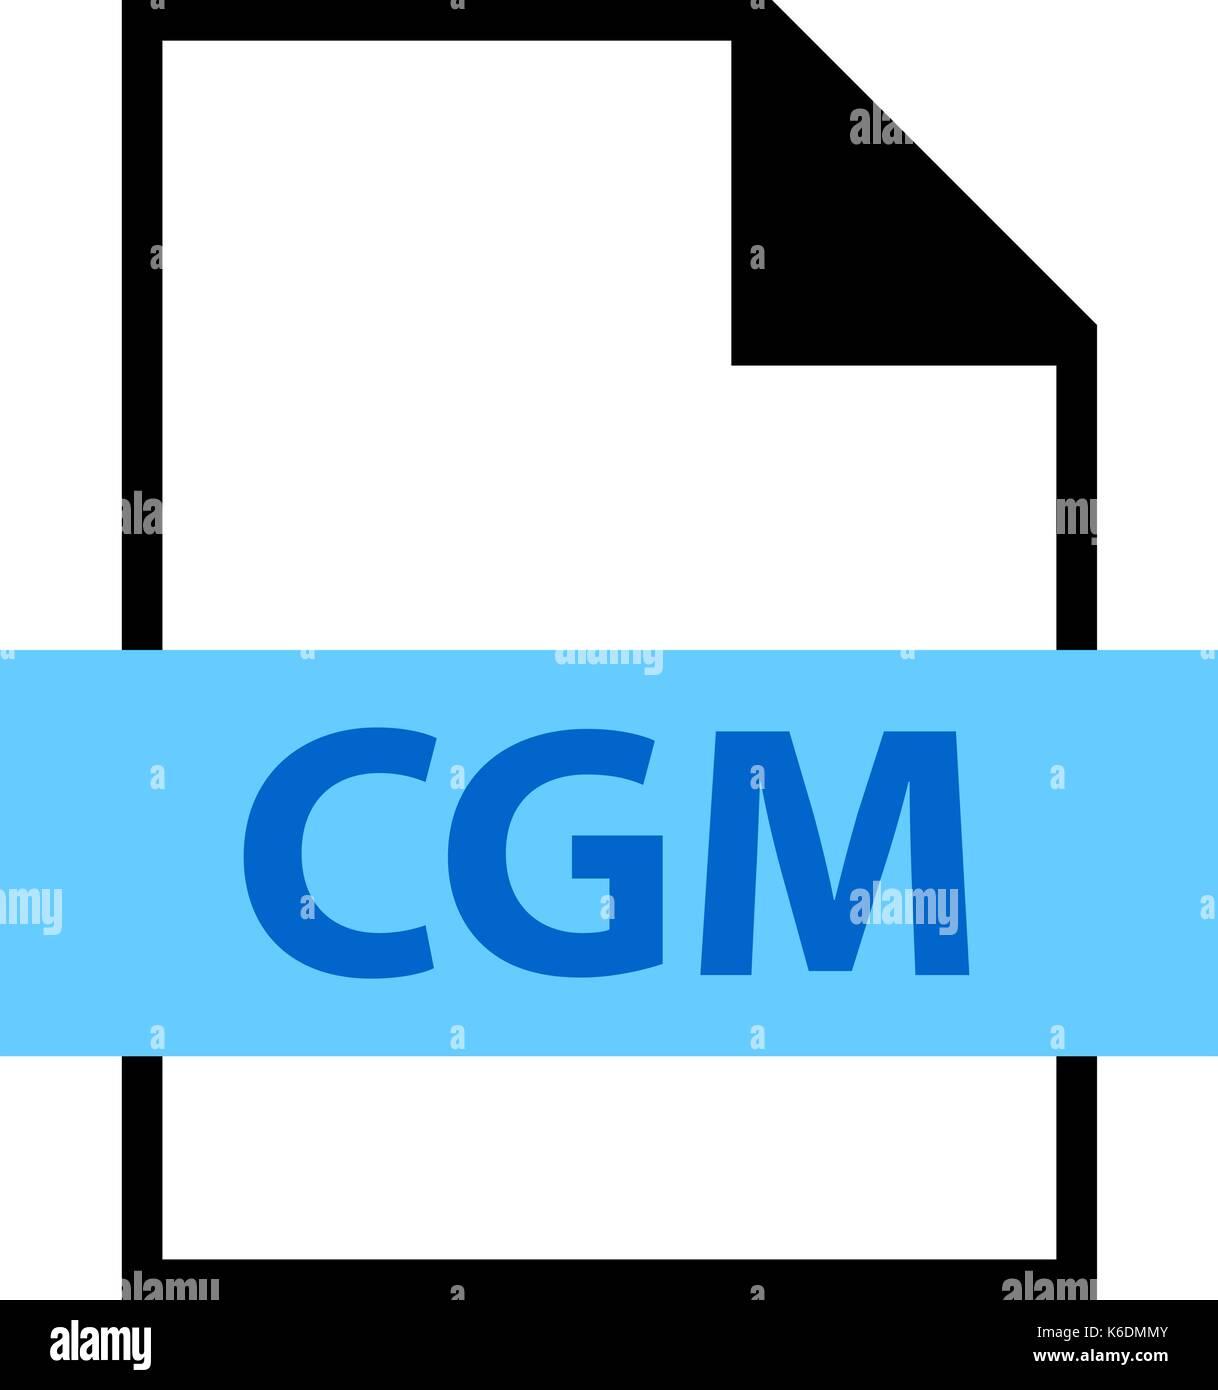 Es in allen ihren Designs verwenden. Dateinamenerweiterung Symbol CGM Computer Graphics Metafile im flachen Stil. Schnelle und einfache recolorable Form. Stockbild